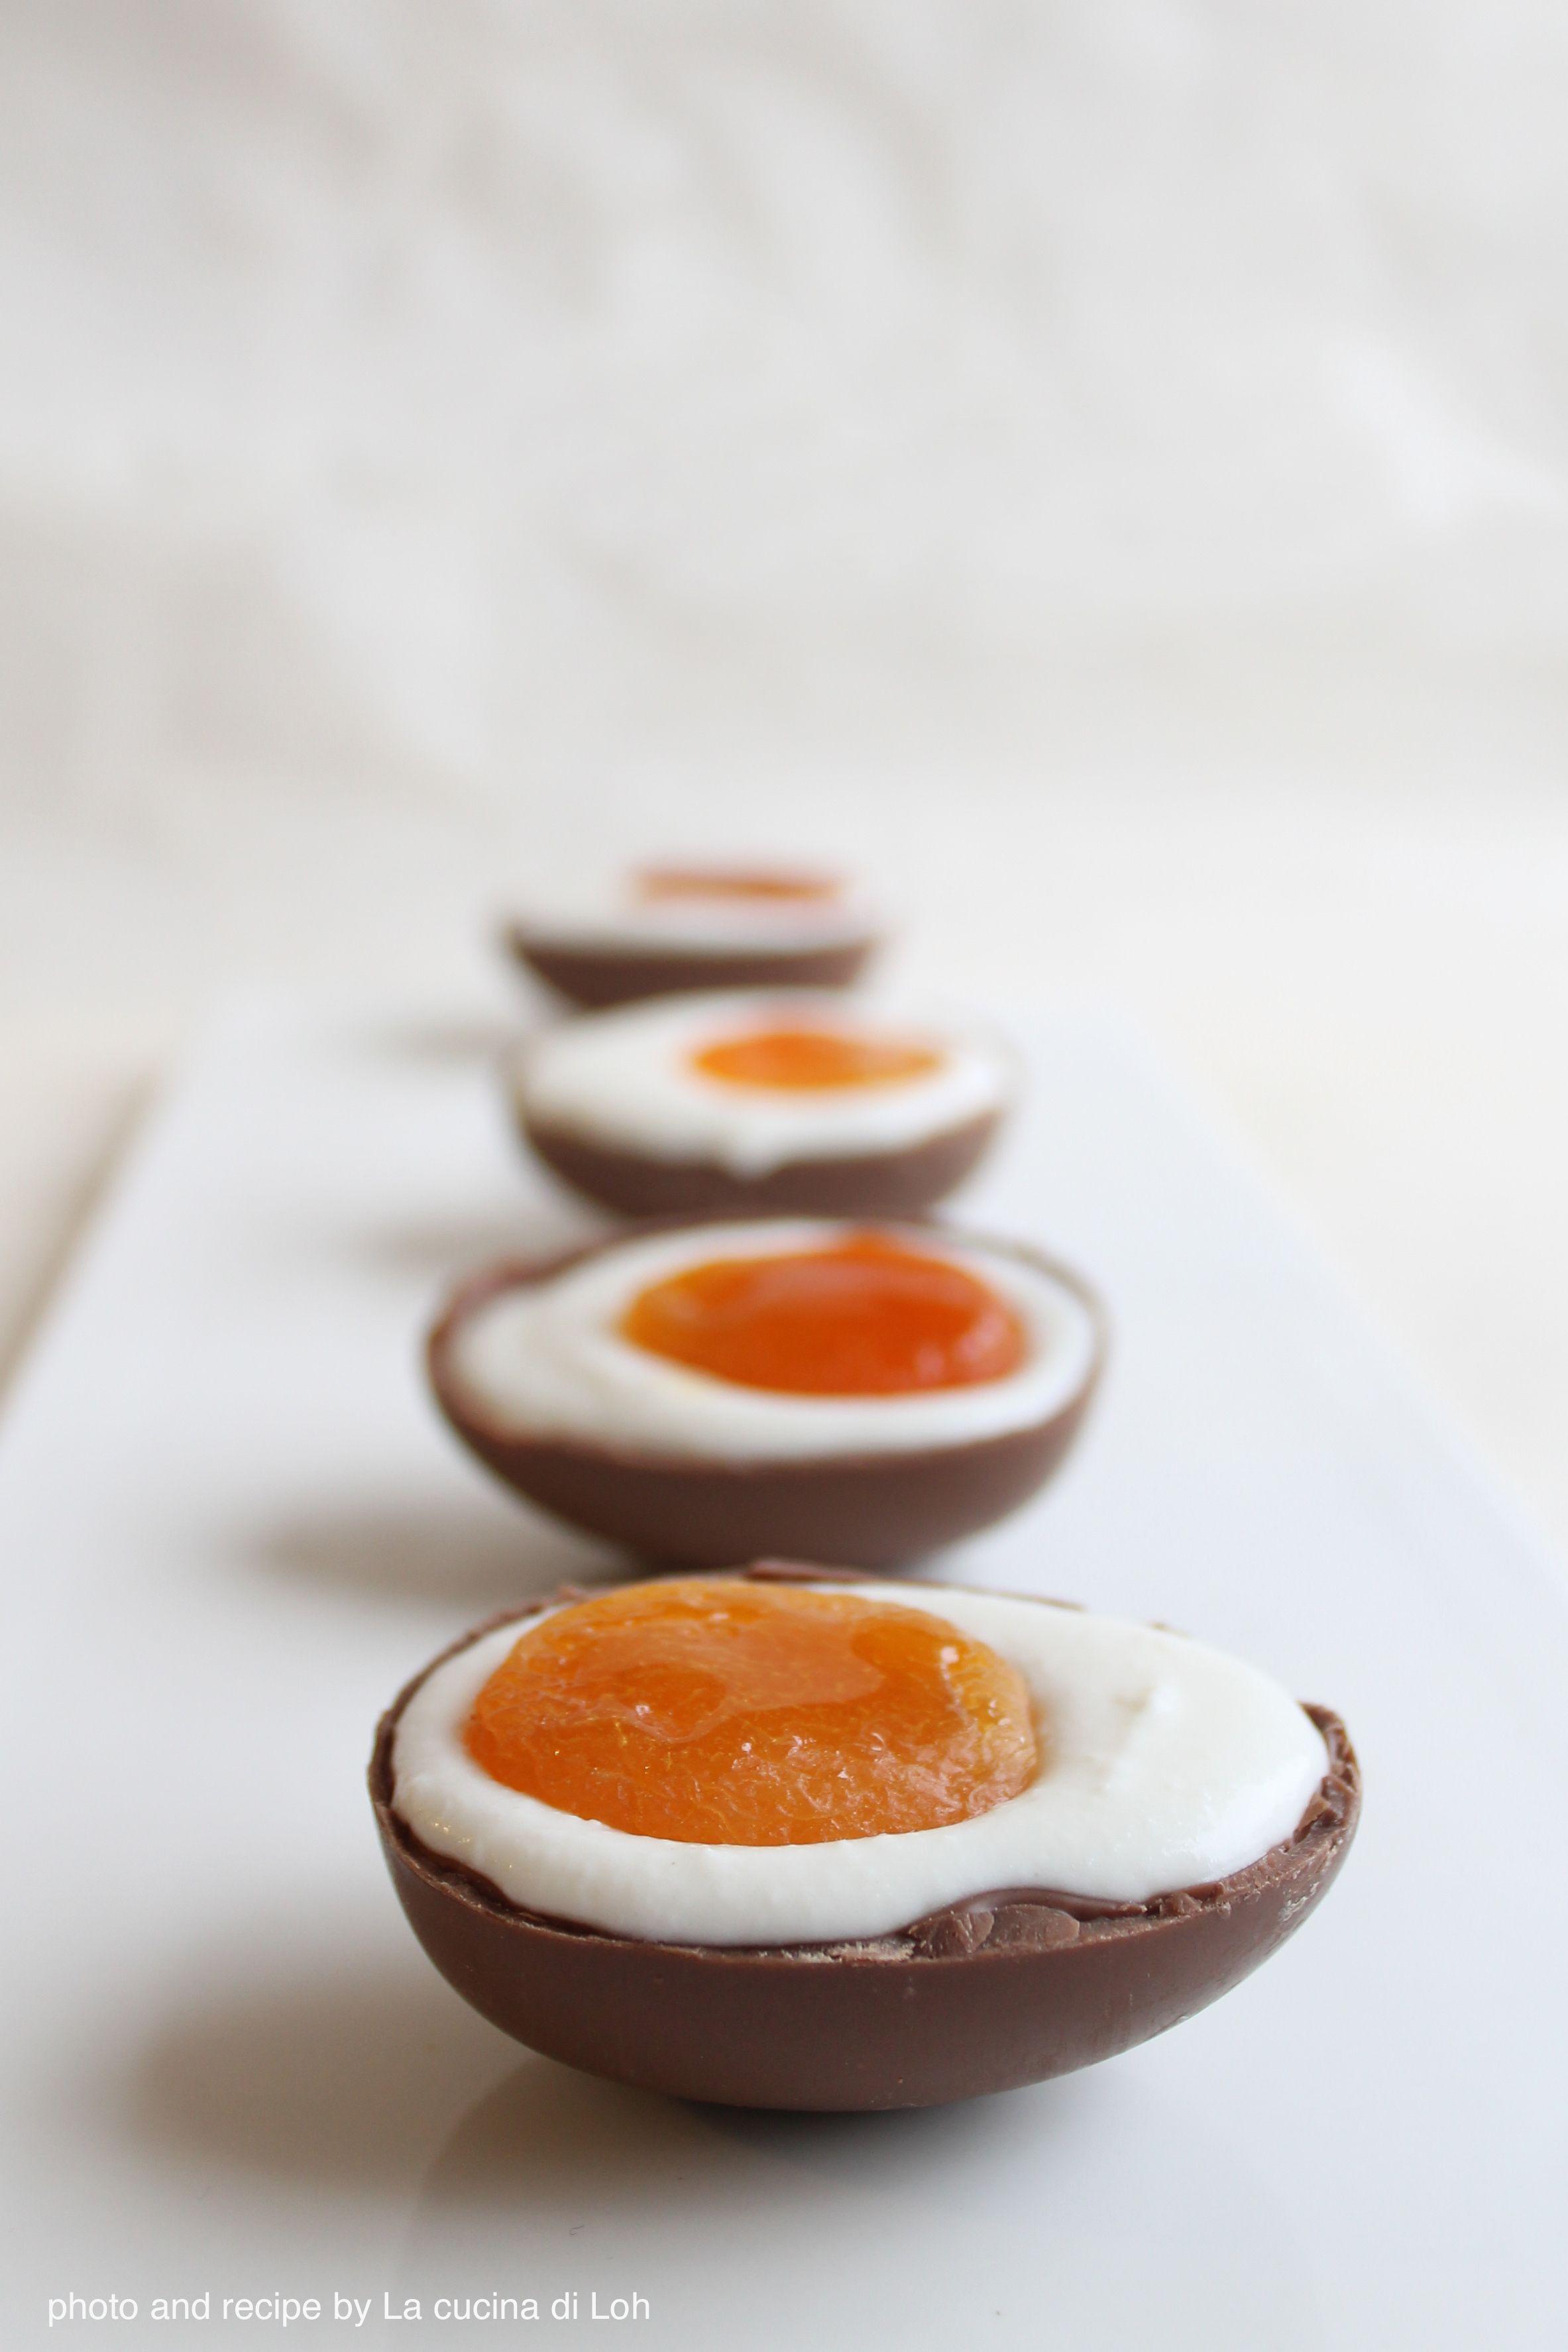 Eggs illusion (chocolate eggs, ricotta and sugar creme, dried apricots) - uova di cioccolato, crema di ricotta e albicocche secche